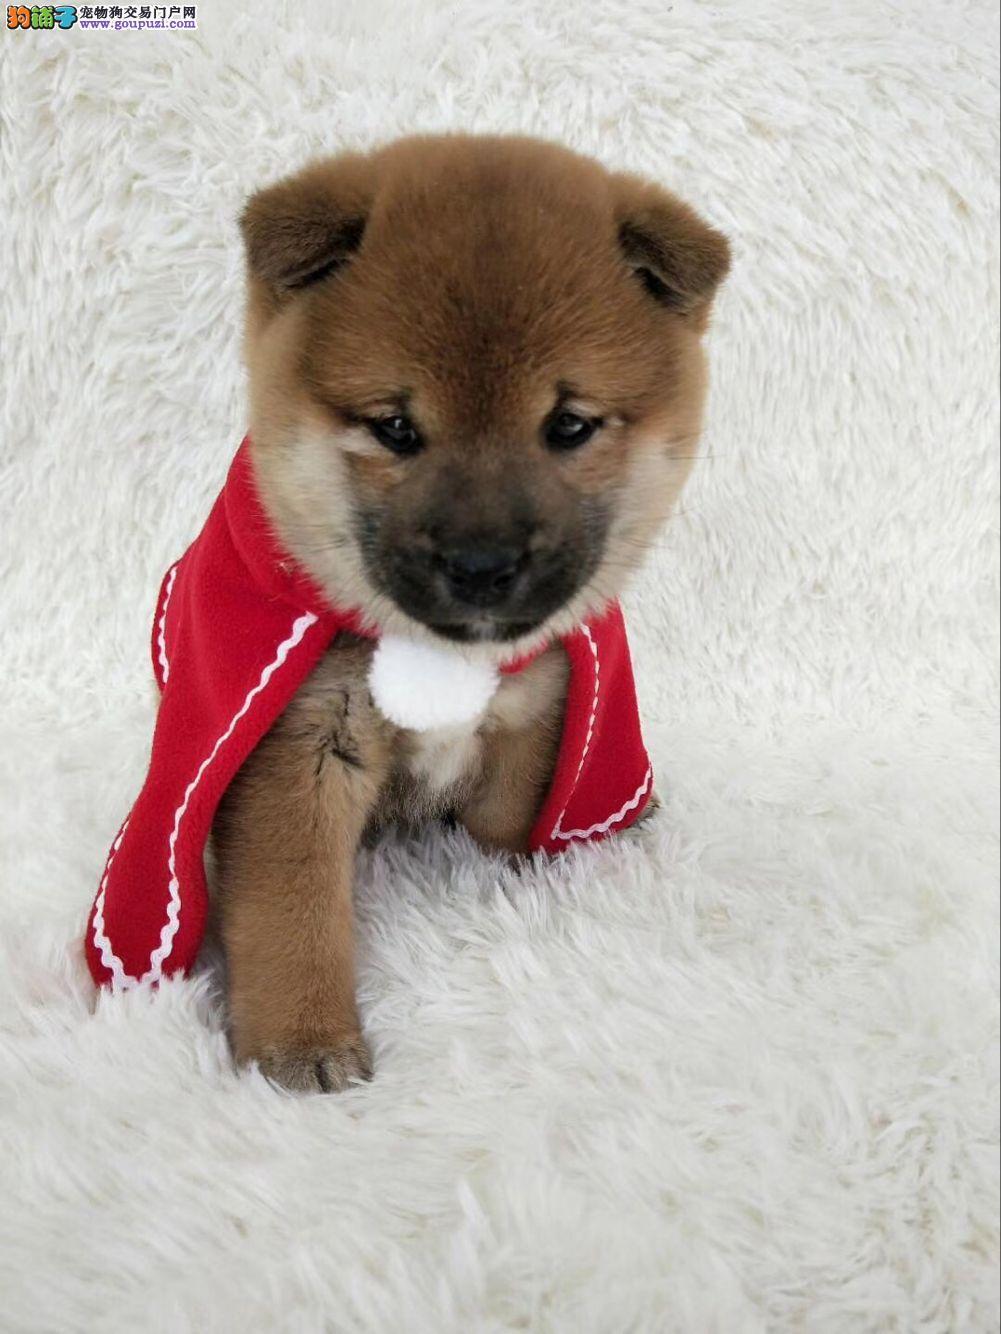 出售两到三个月的柴犬宝宝